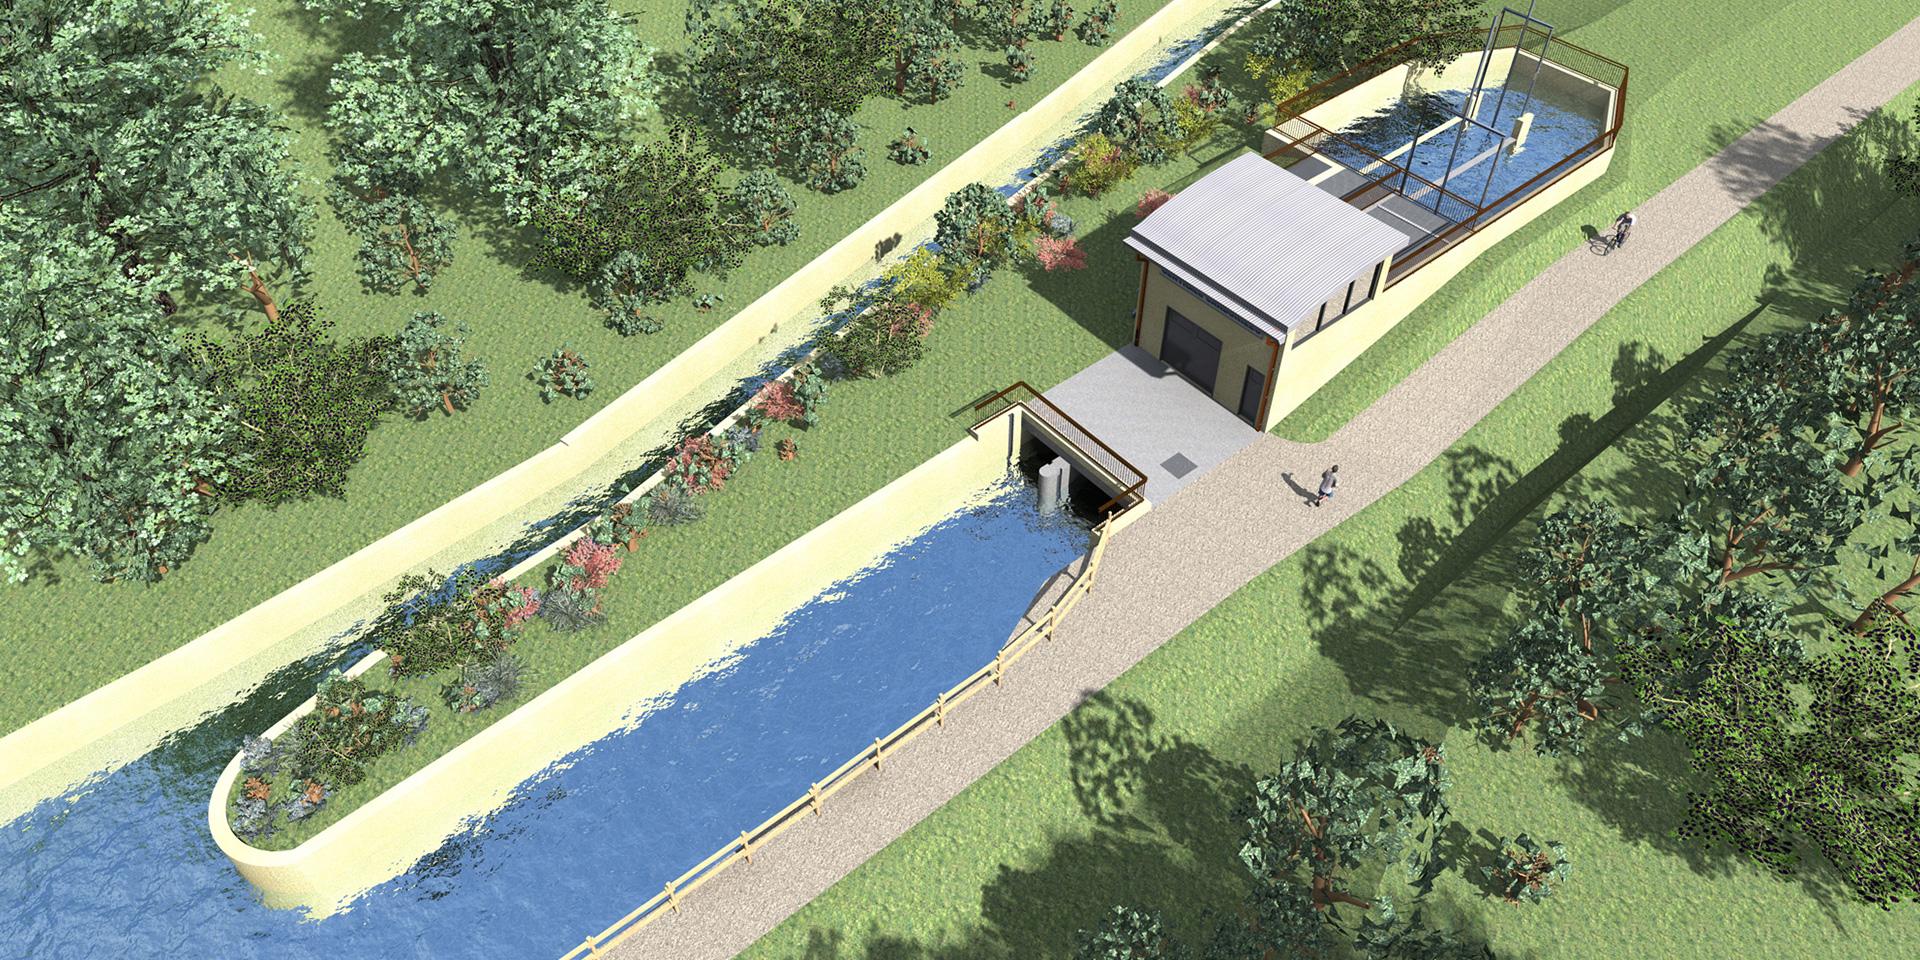 Centrale idroelettrica a Canossa, Binini Partners, Società di architettura e ingegneria